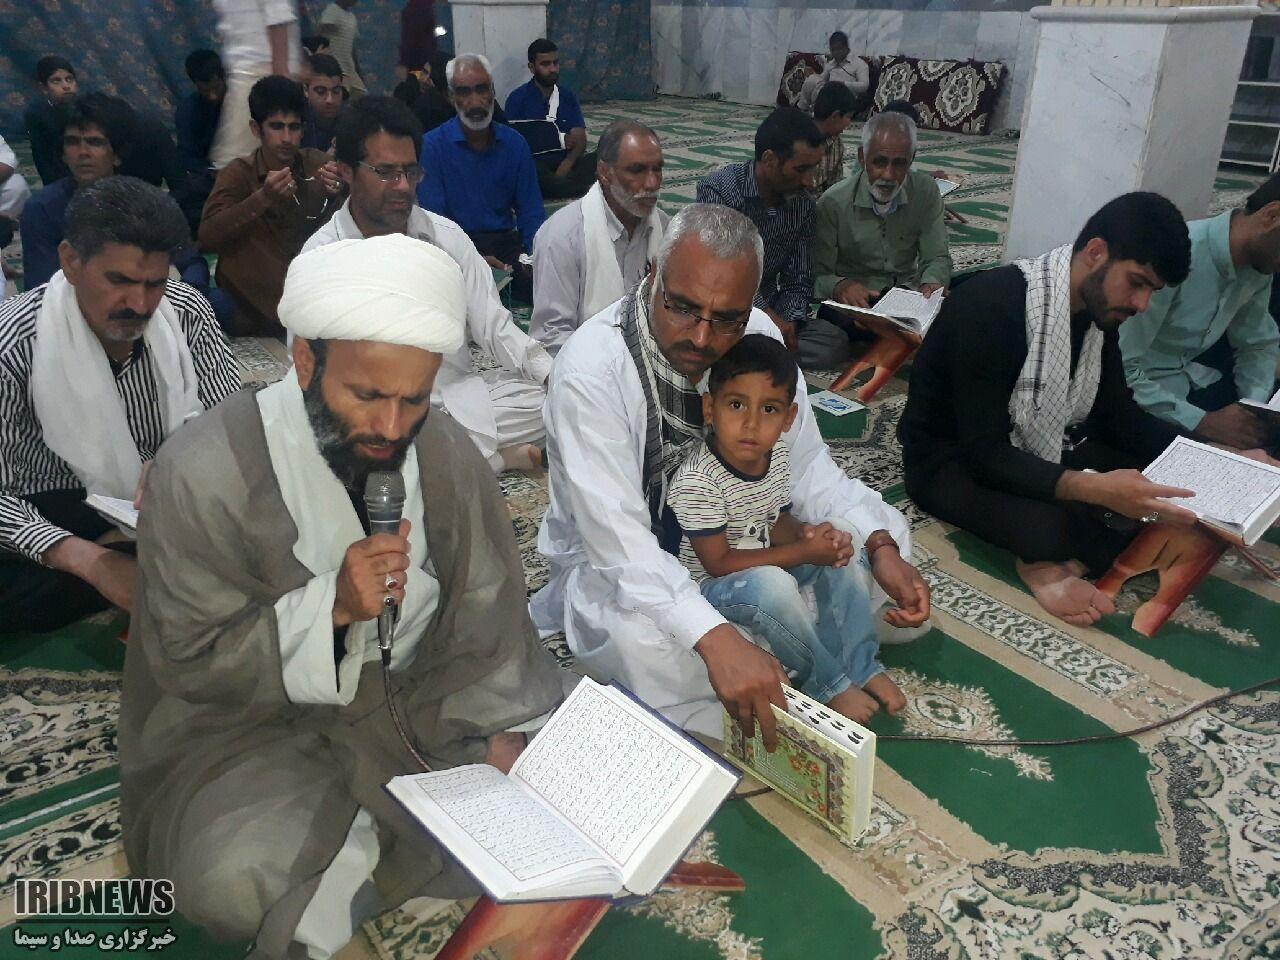 سیستان و بلوچستان، شب قدر، شب دعا، استغفار، استجابت و راز و نیاز با معبود